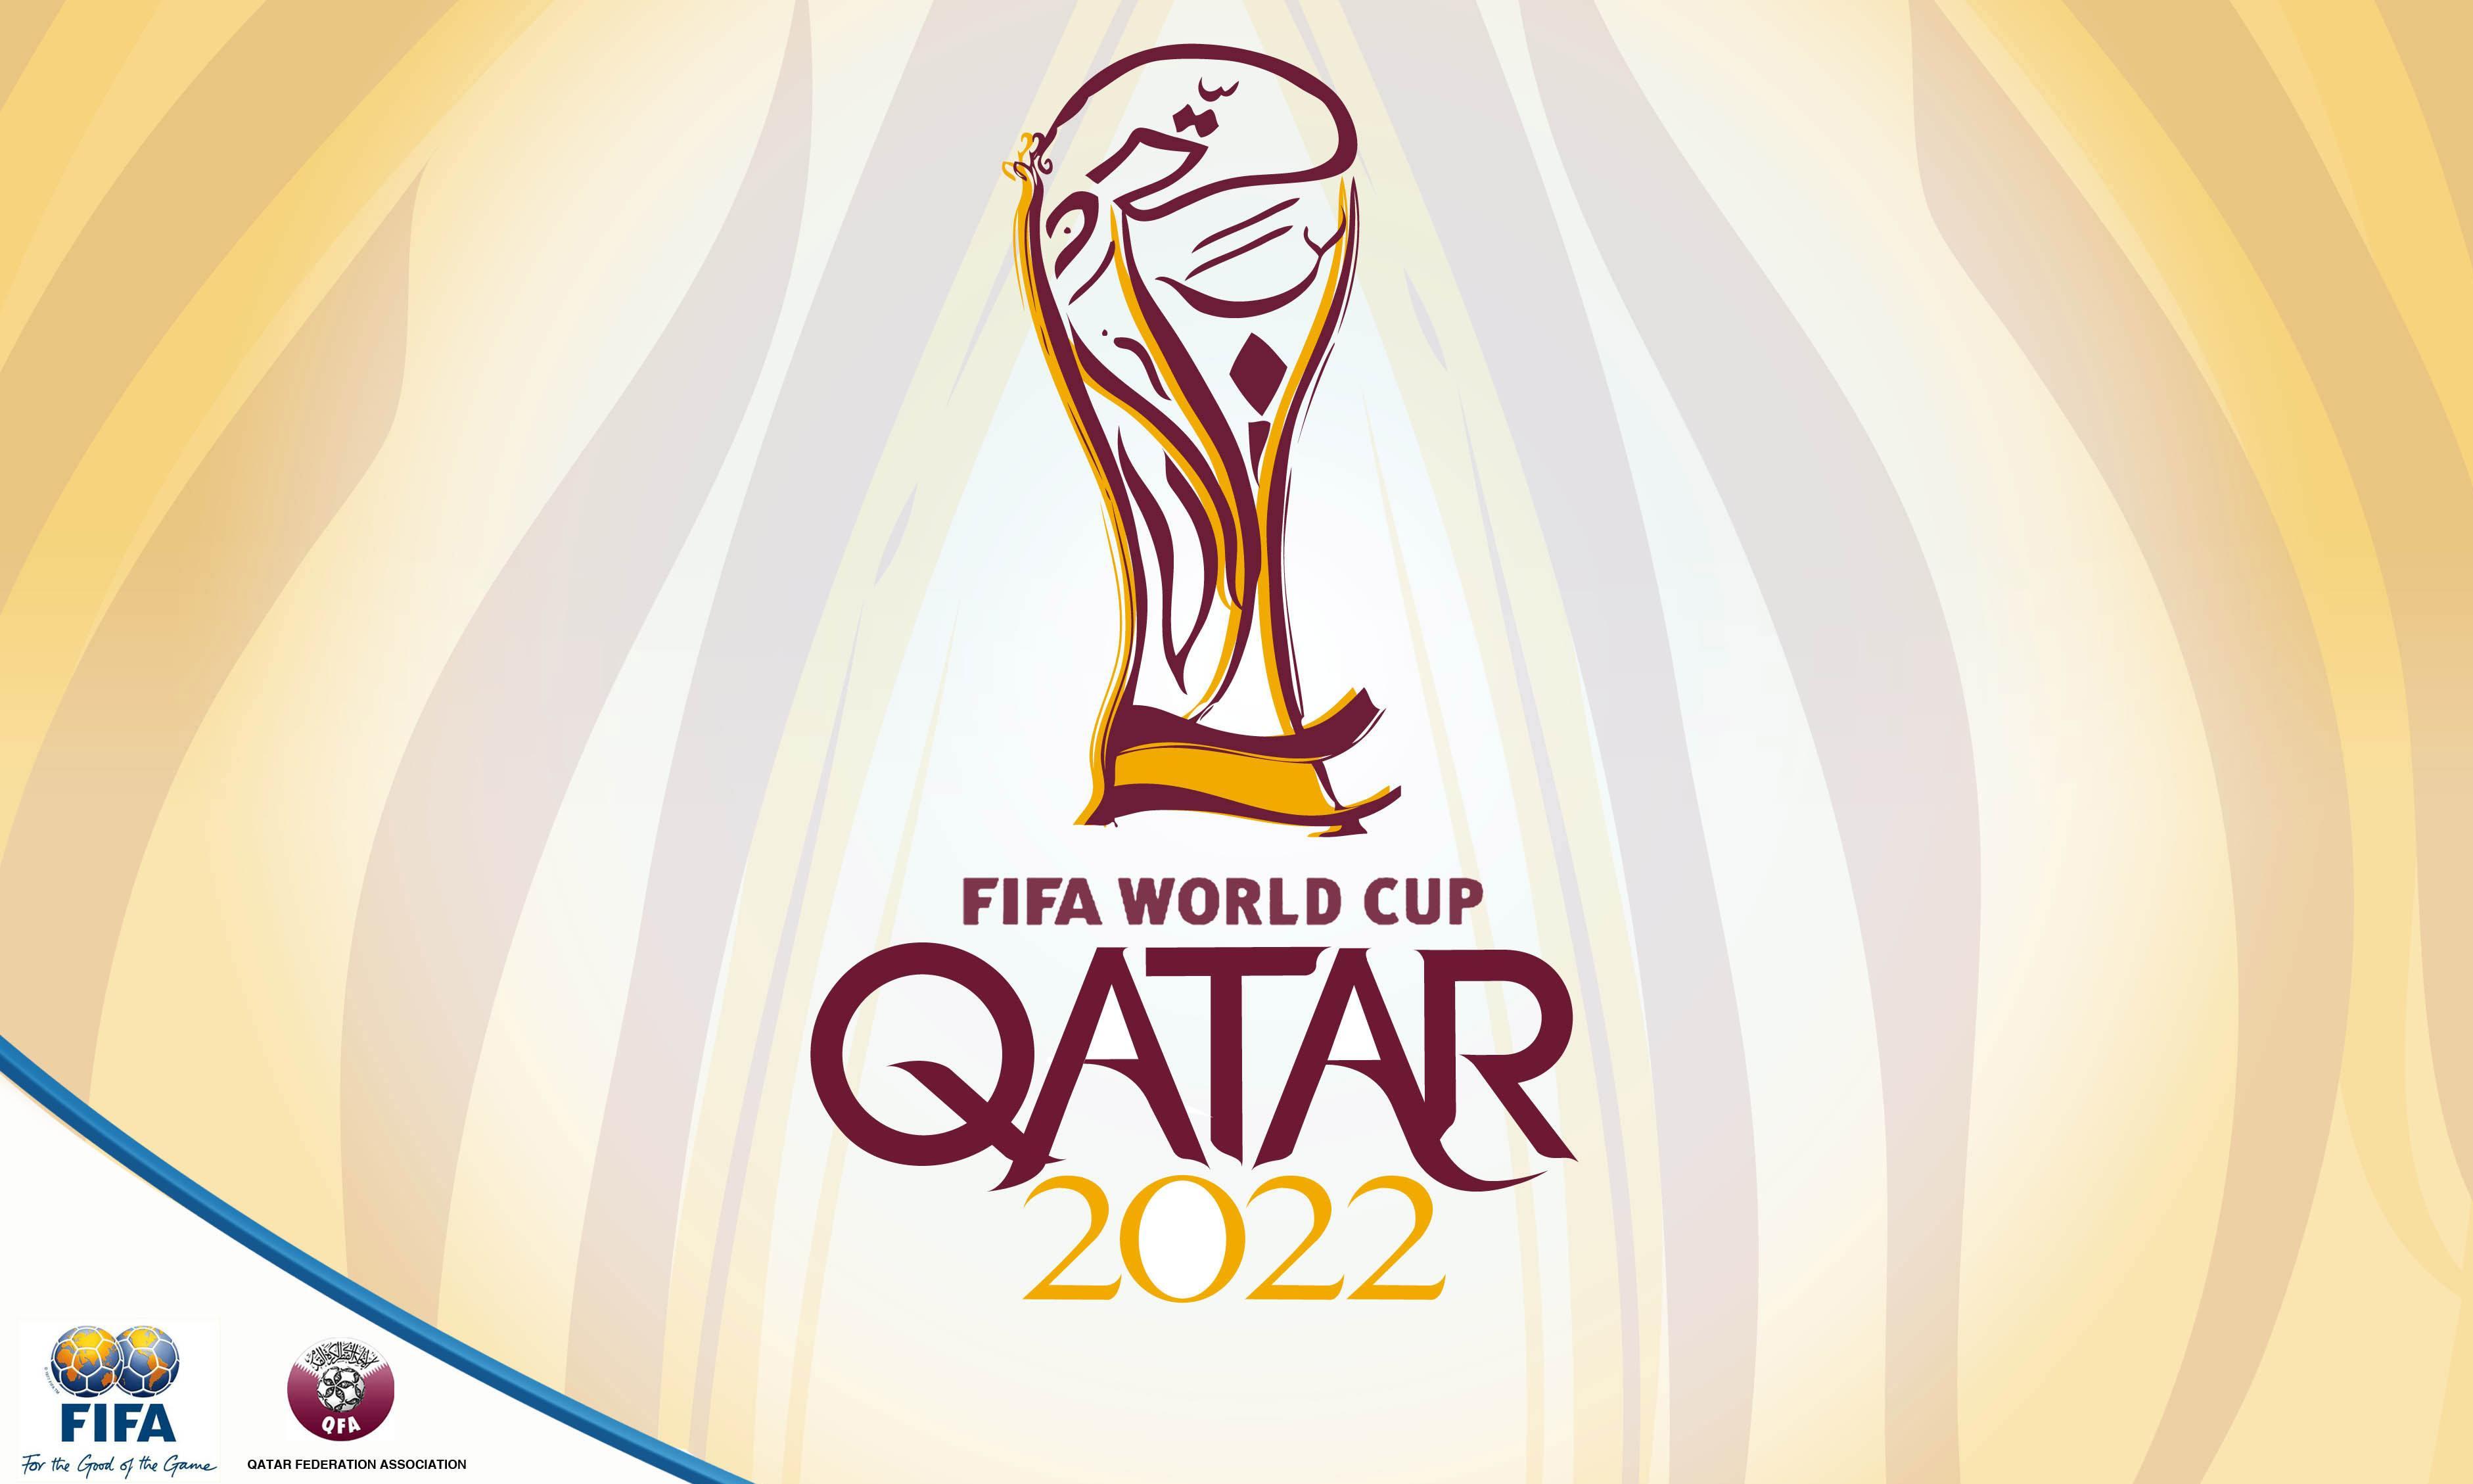 亚洲足球排名 现在攒钱来得及吗?中国球迷将可免签证看卡塔尔世界杯